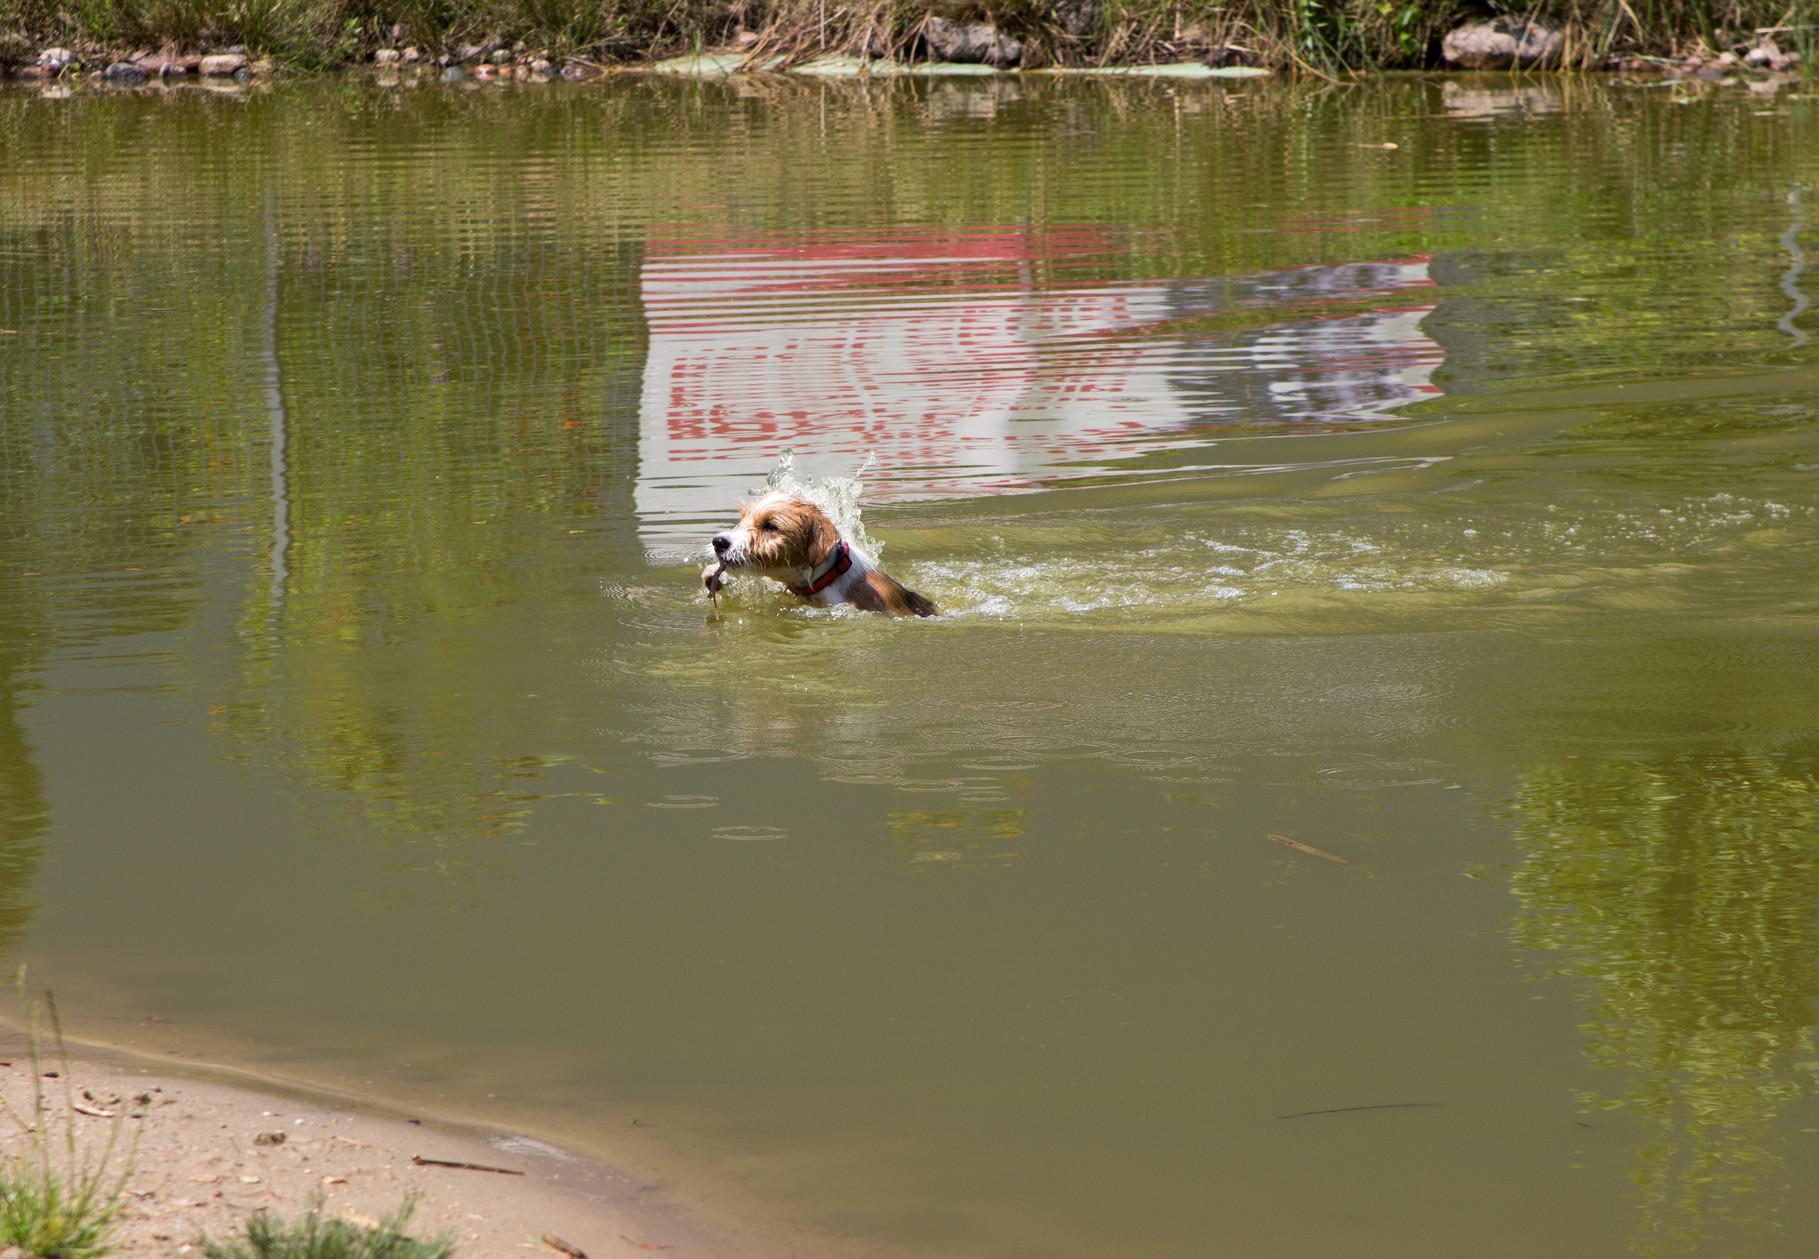 dann war se plötzlich drin und schwimmt über den See